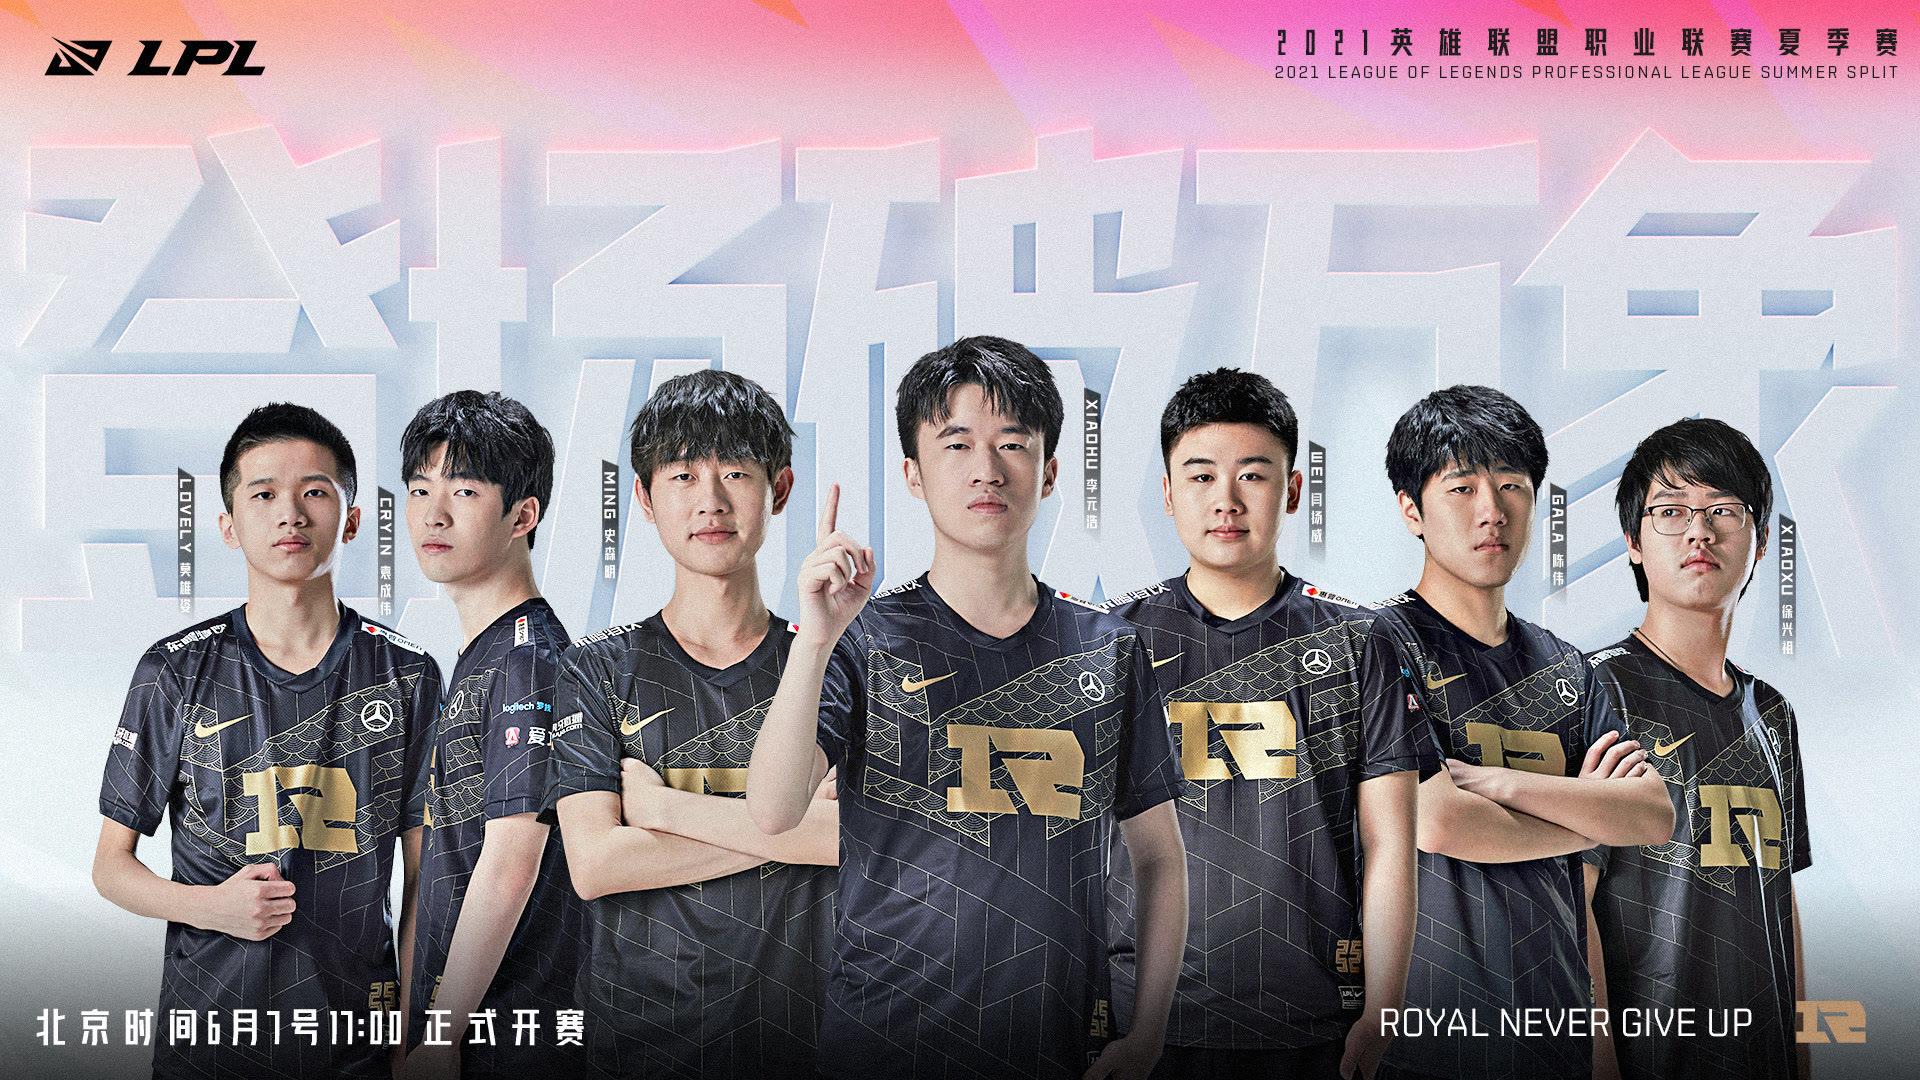 英雄联盟:RNG在S赛最好成绩是?RNG和皇族有没有关系?